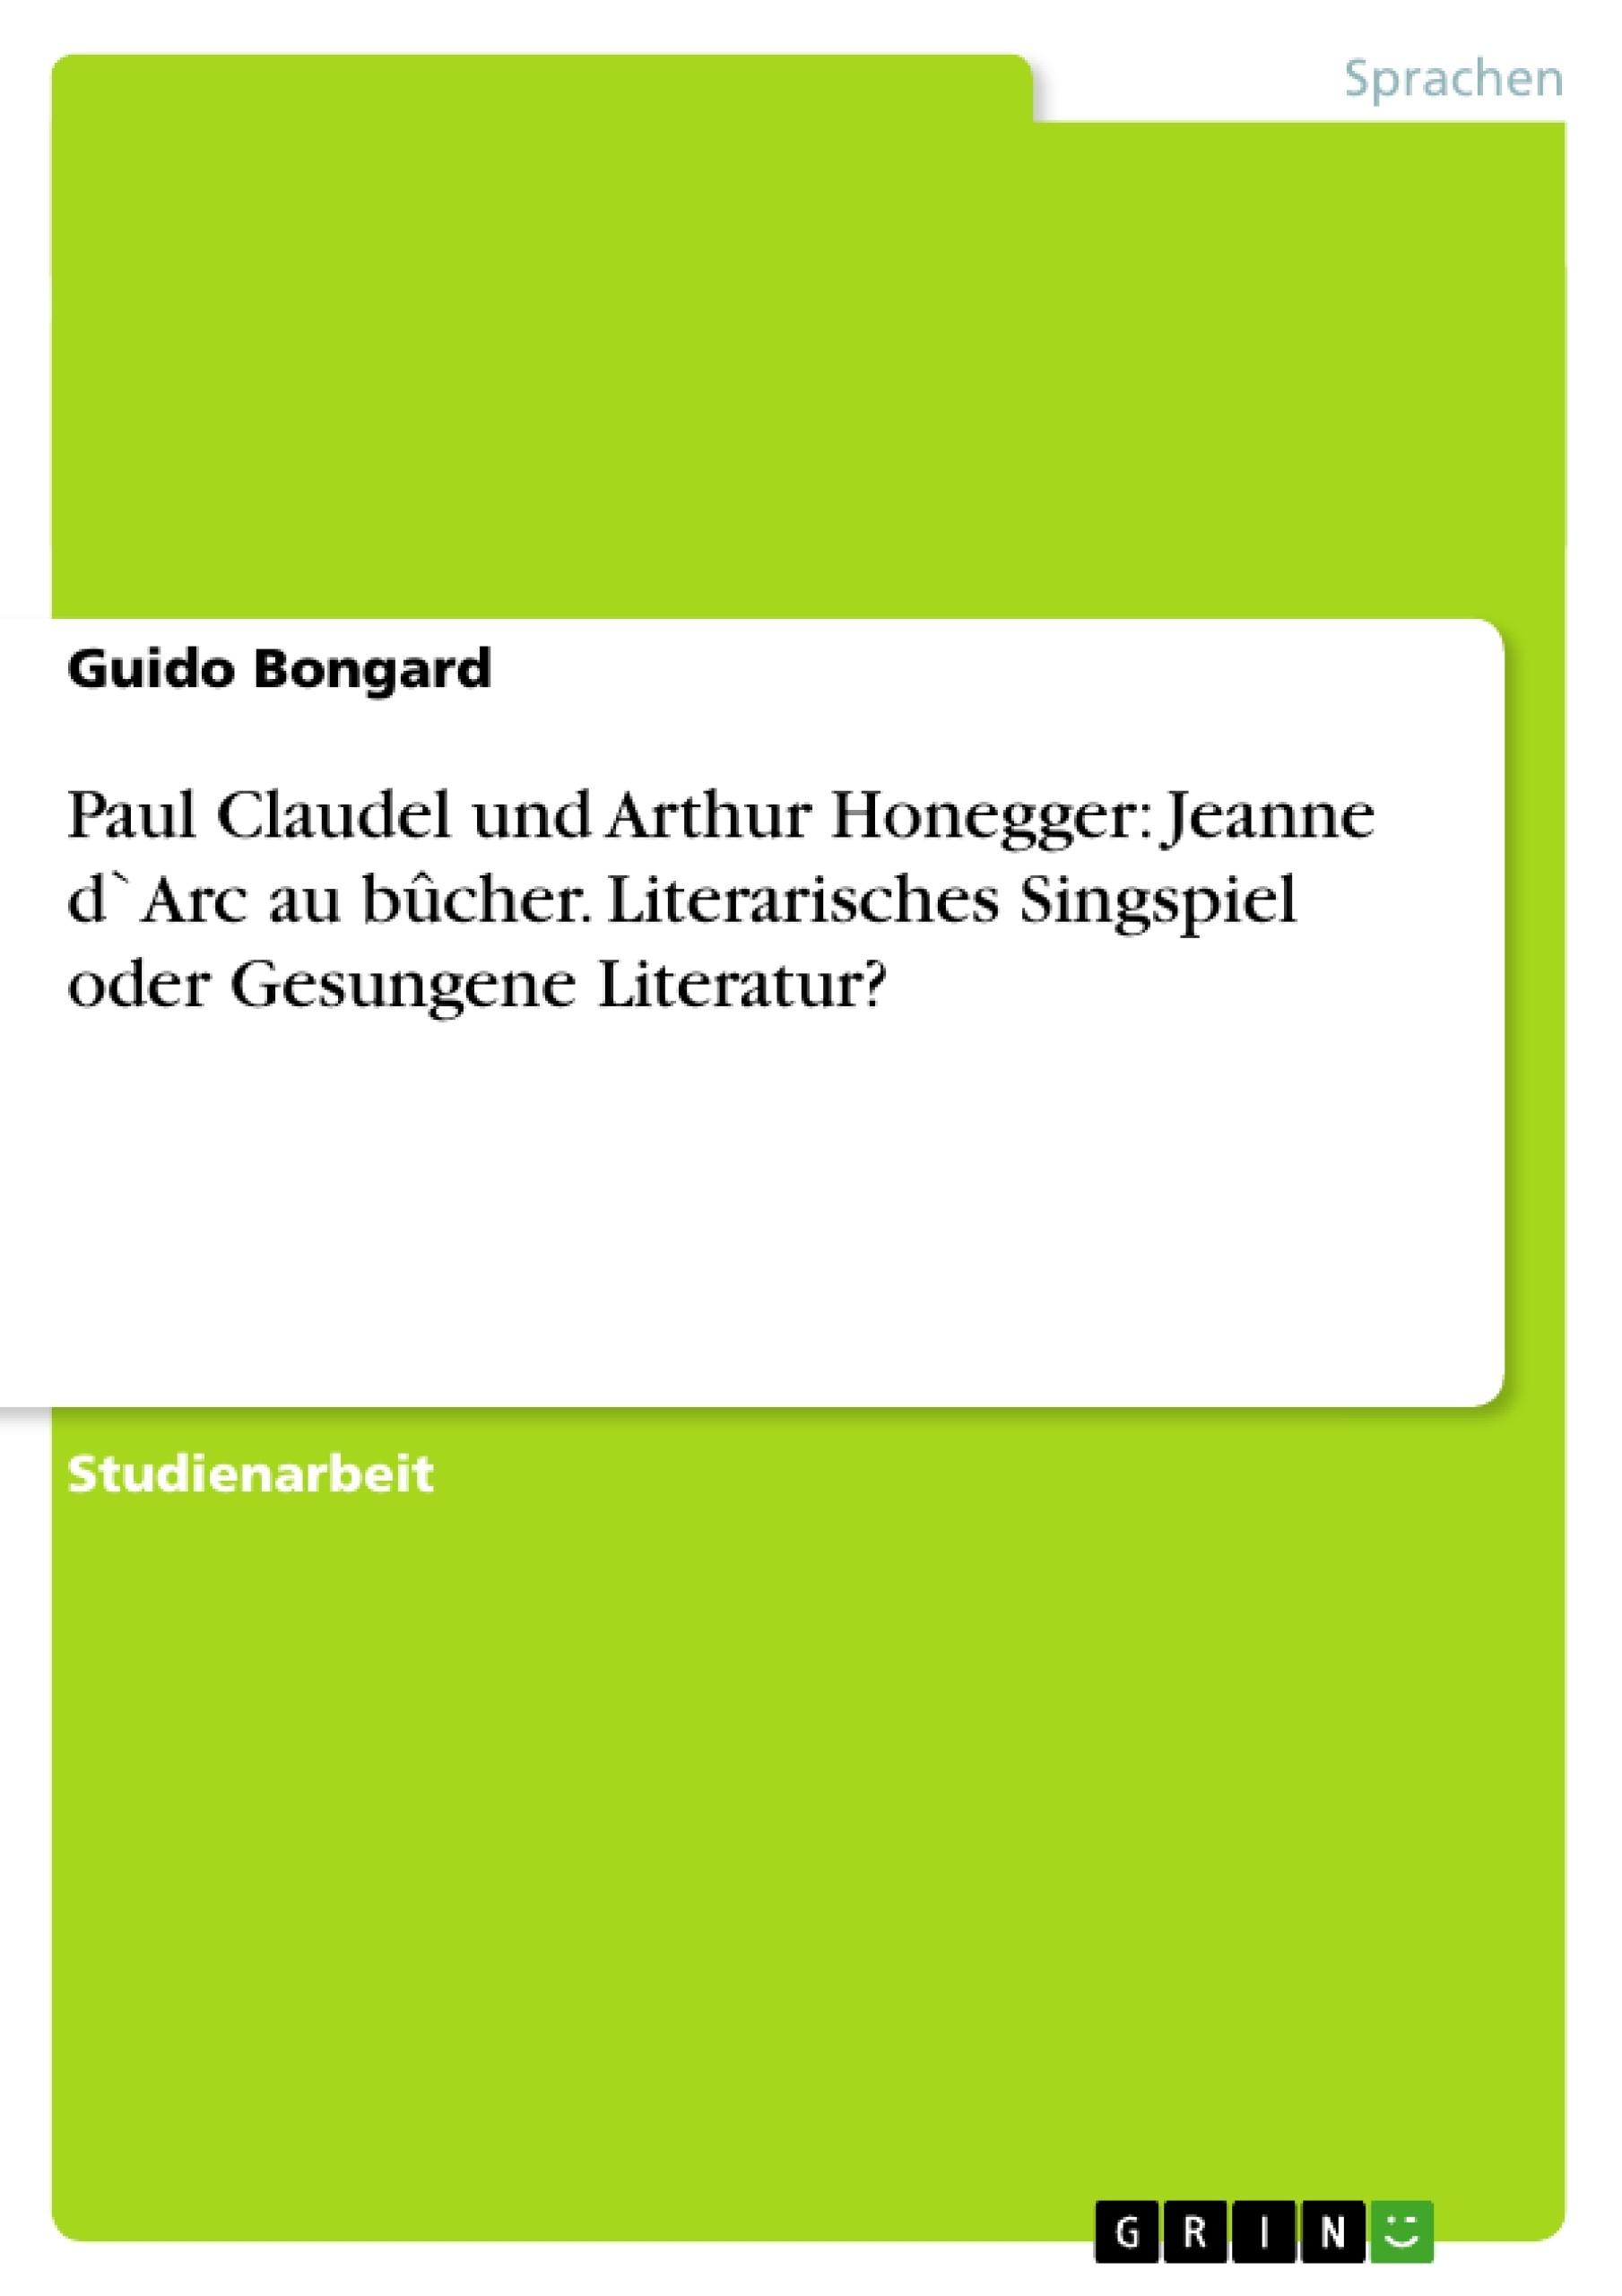 Titel: Paul Claudel und Arthur Honegger: Jeanne d`Arc au bûcher. Literarisches Singspiel oder Gesungene Literatur?